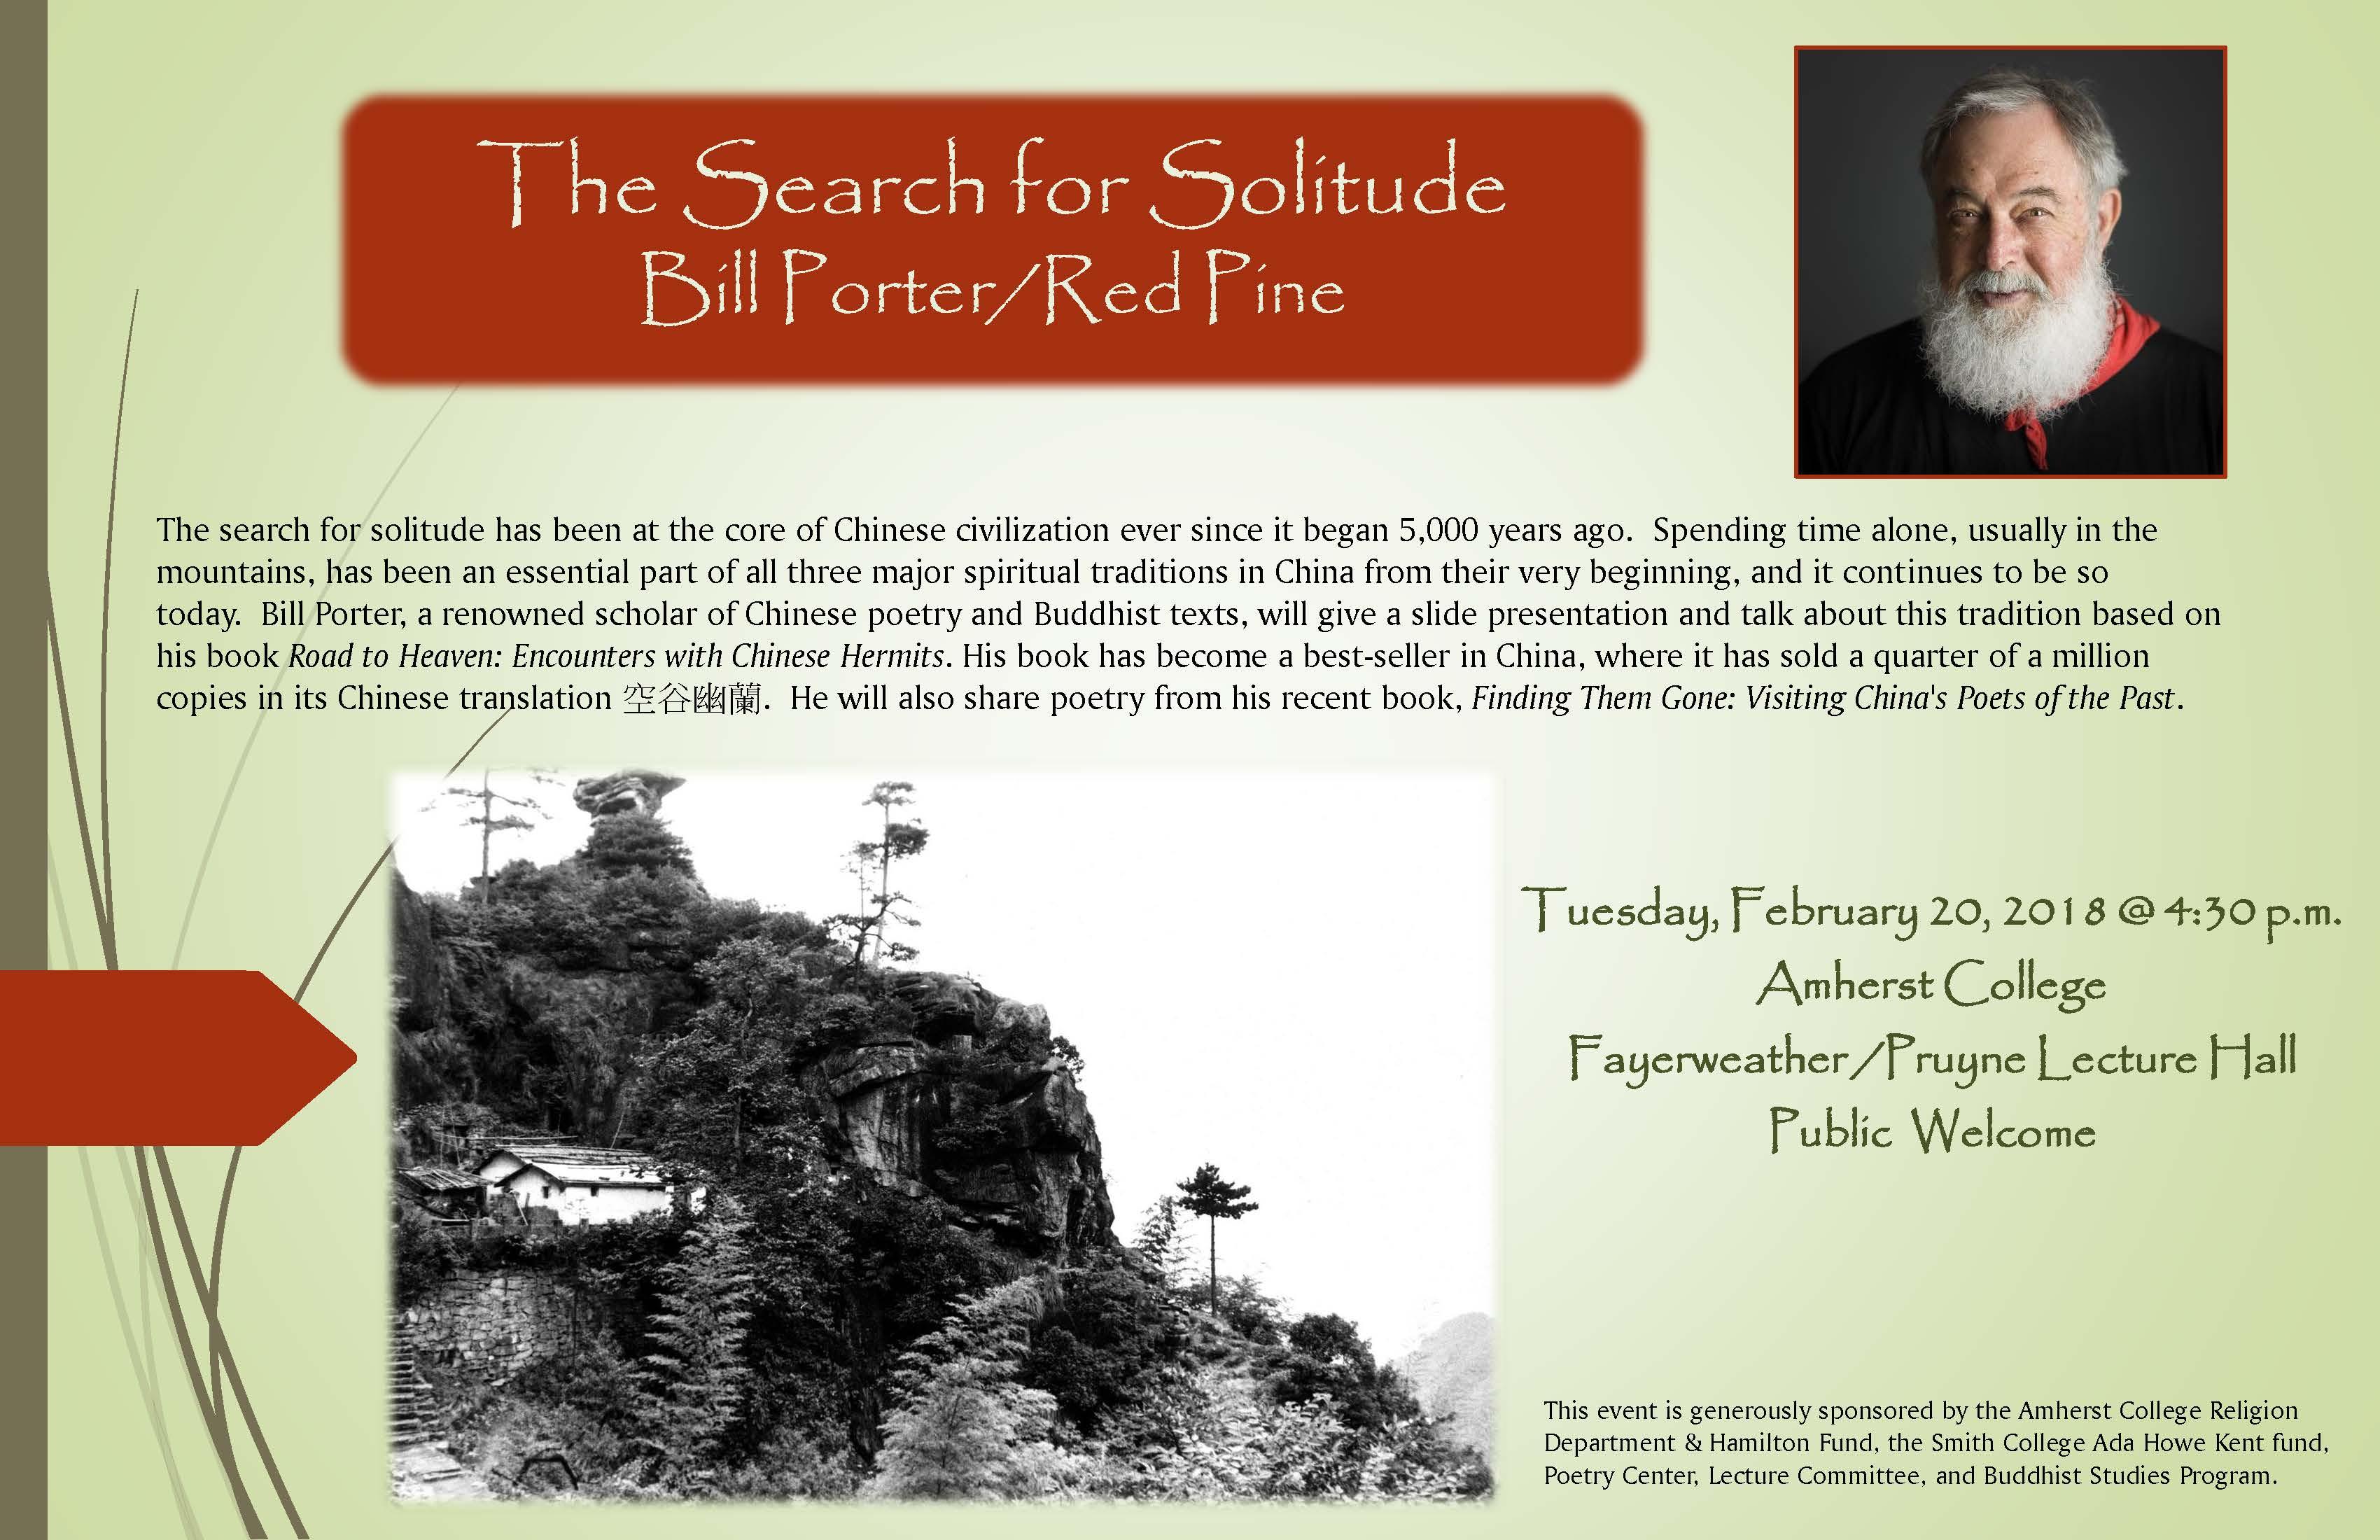 Red Pine - Bill Porter